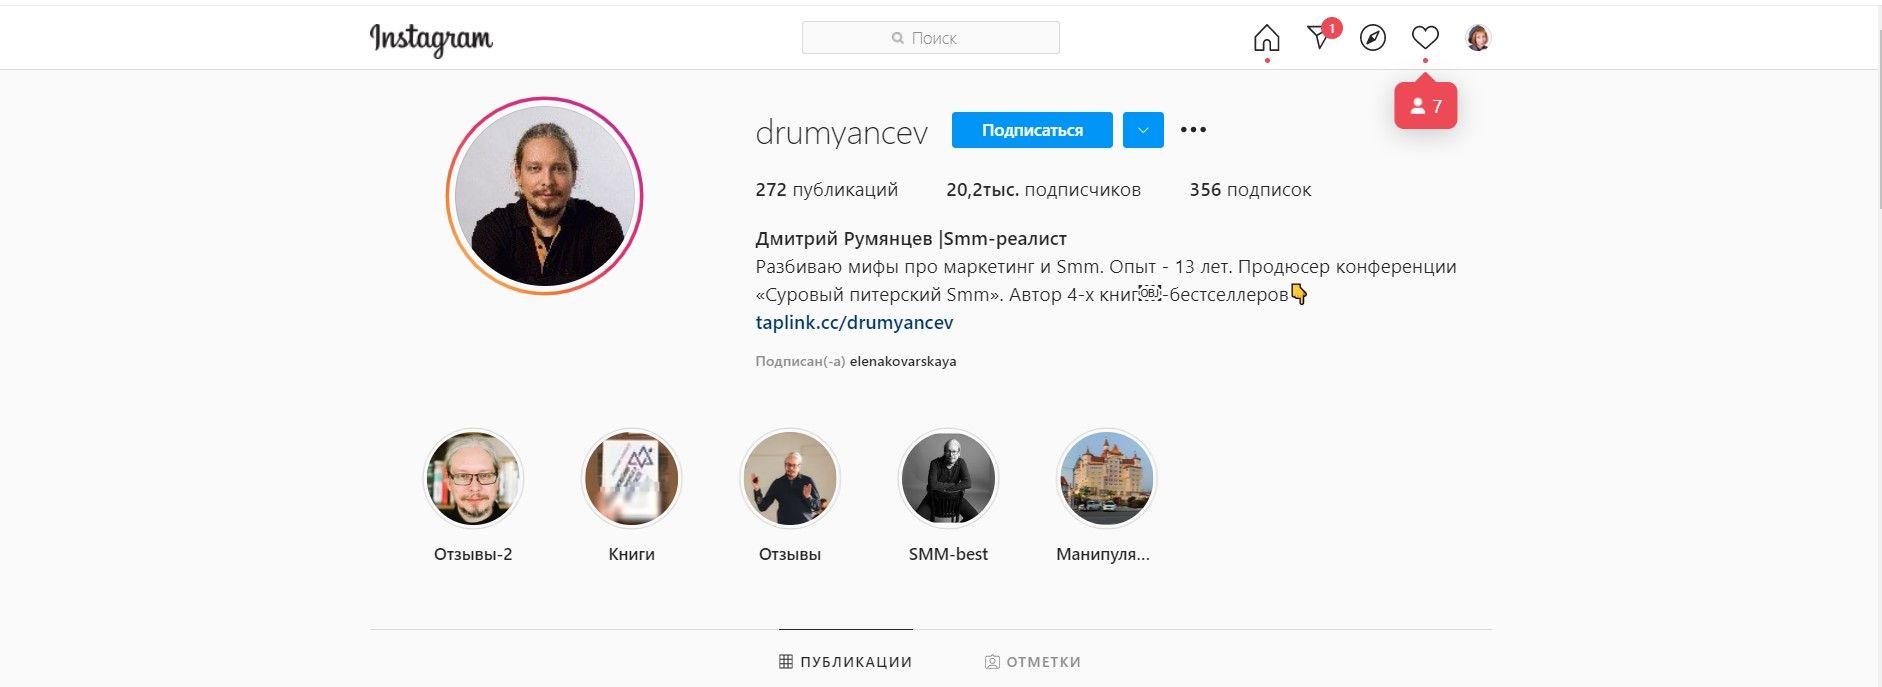 И во ВКонтакте, и в Инстаграме тысячи людей подписываются на Дмитрия Румянцева